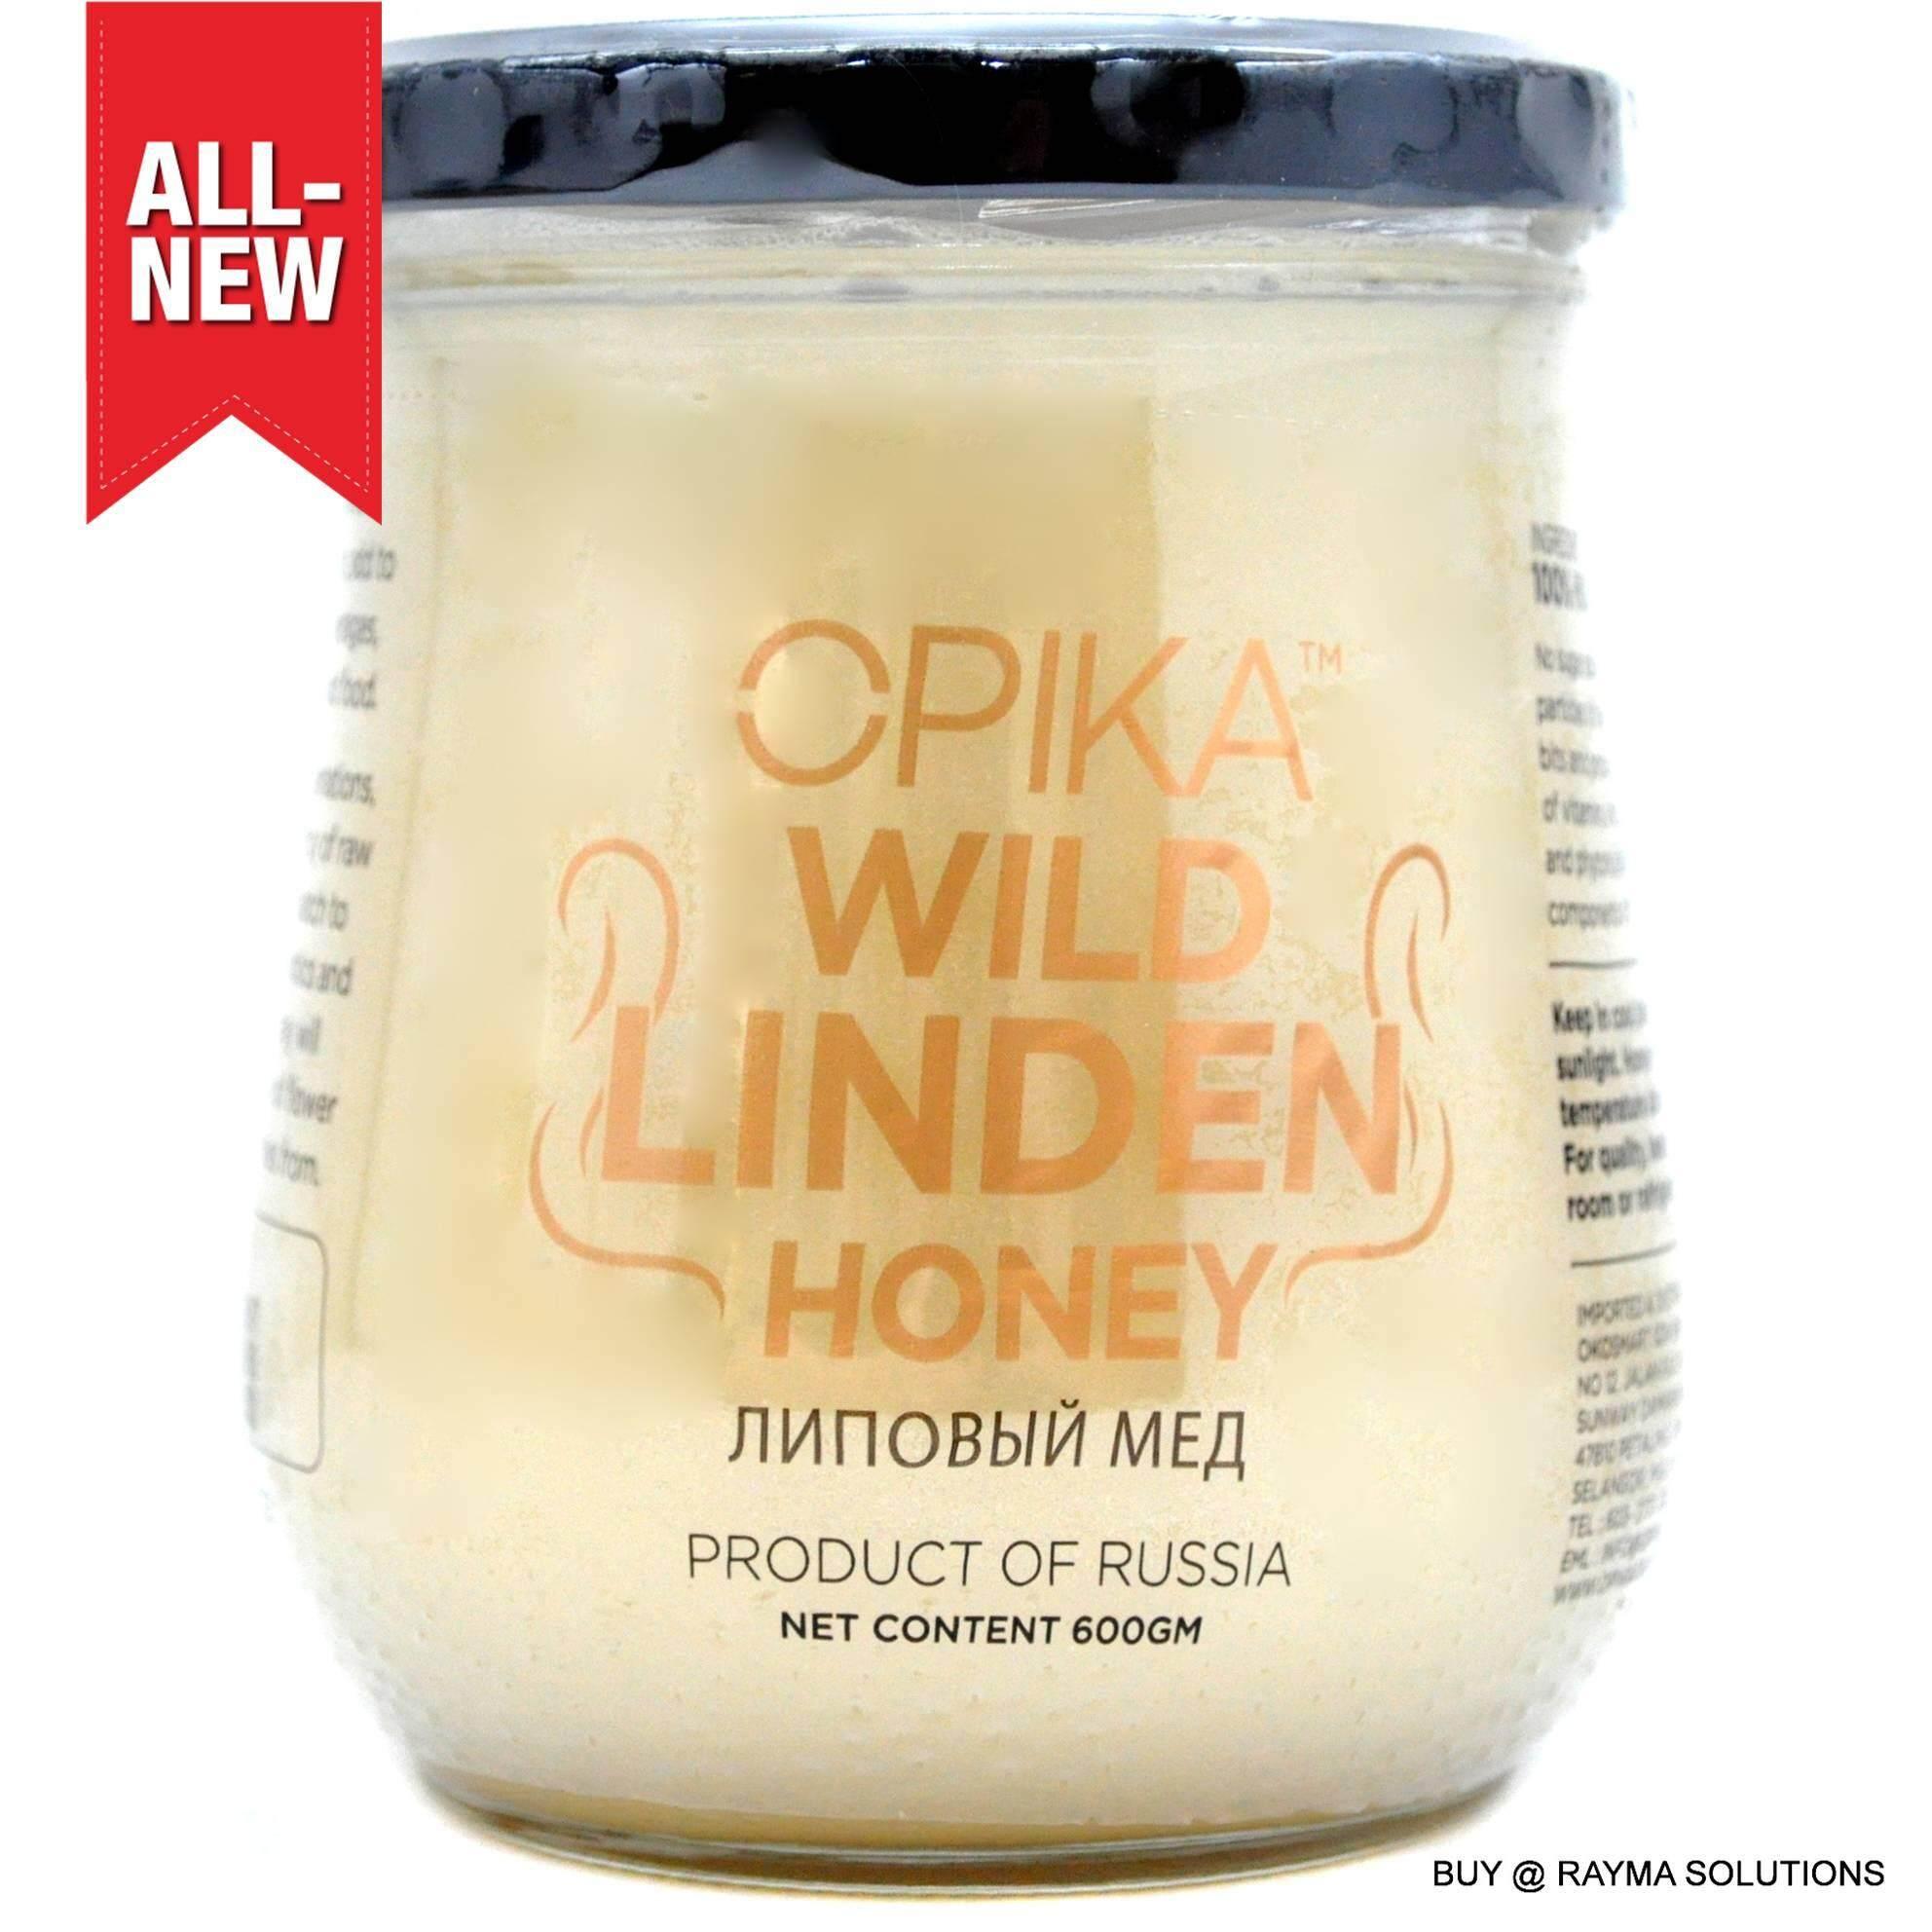 OPIKA Wild Linden Russian Honey, 600g